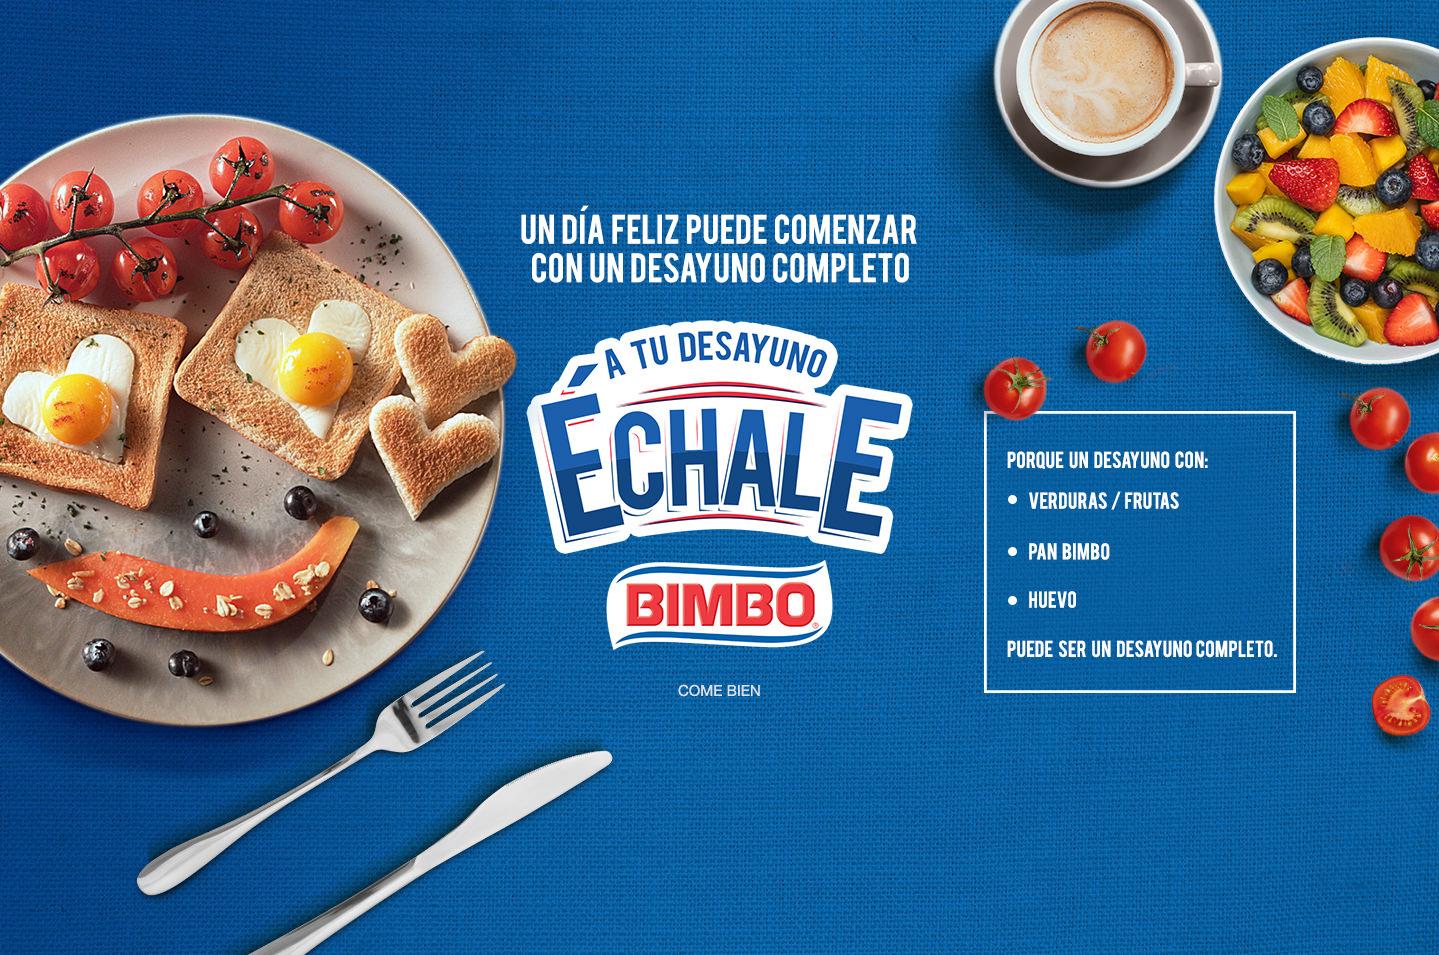 Transforma tu desayuno